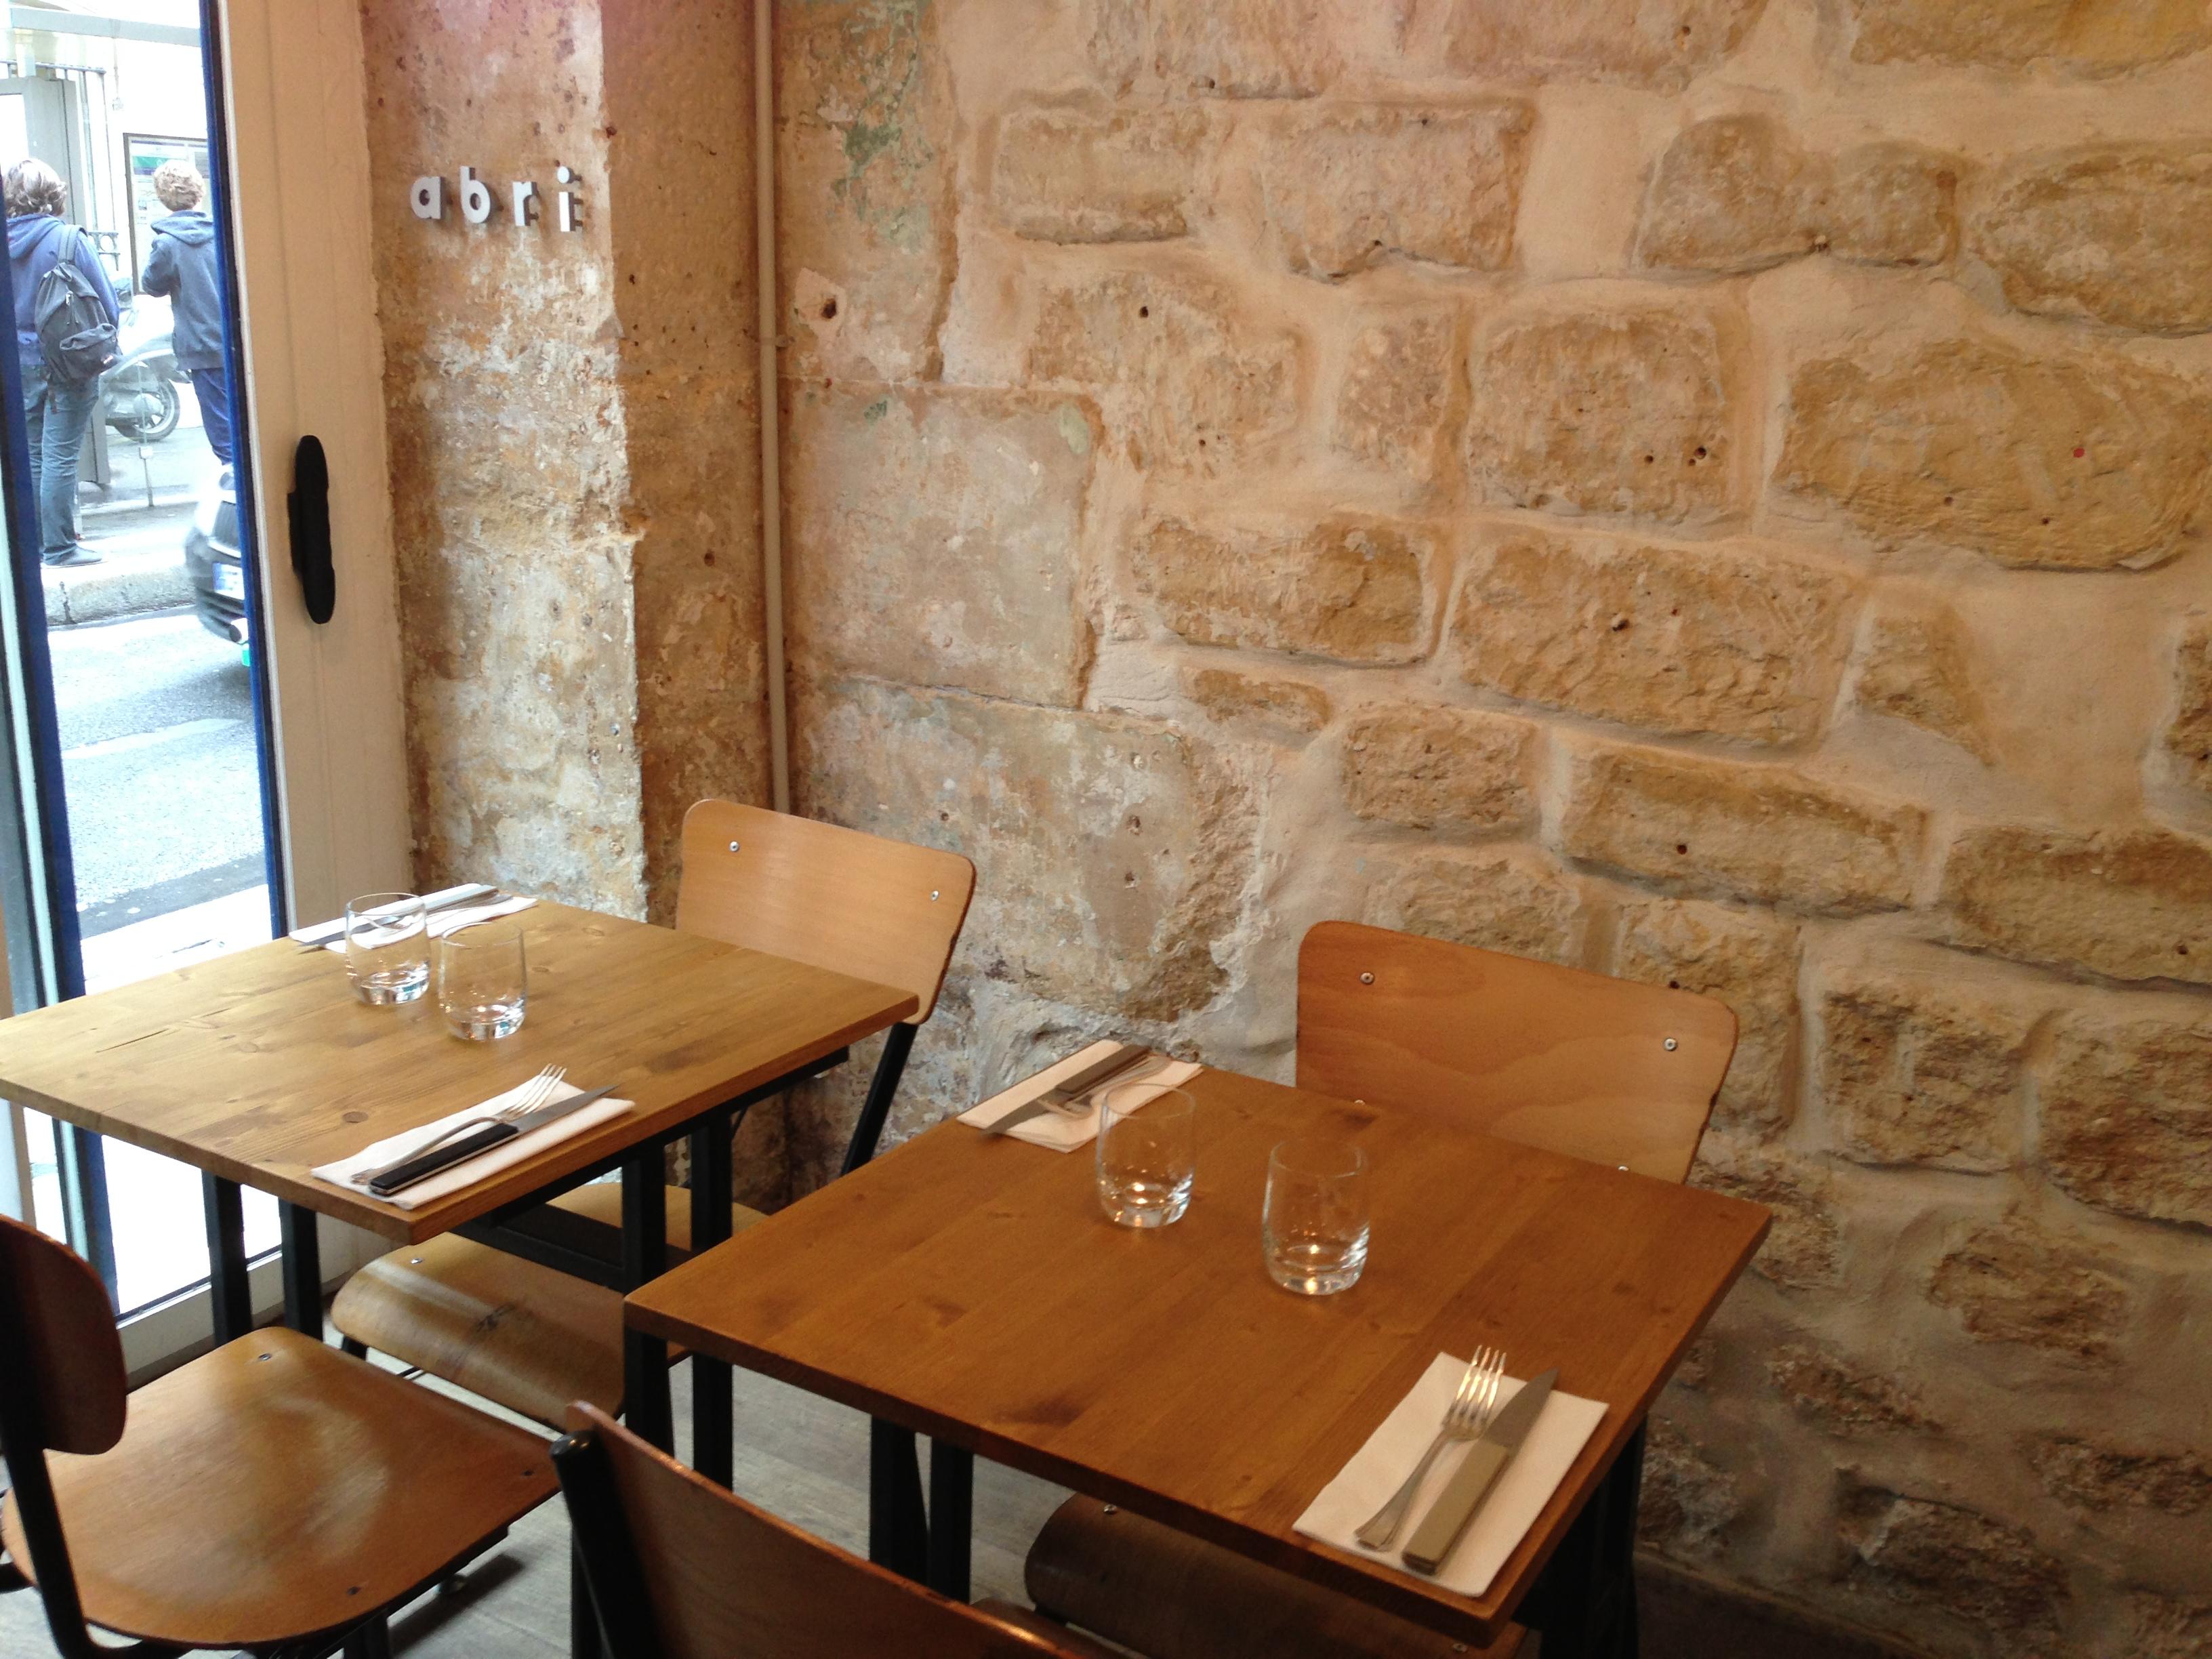 restaurant paris abri l excellence dans l assiette c line m c line aime. Black Bedroom Furniture Sets. Home Design Ideas